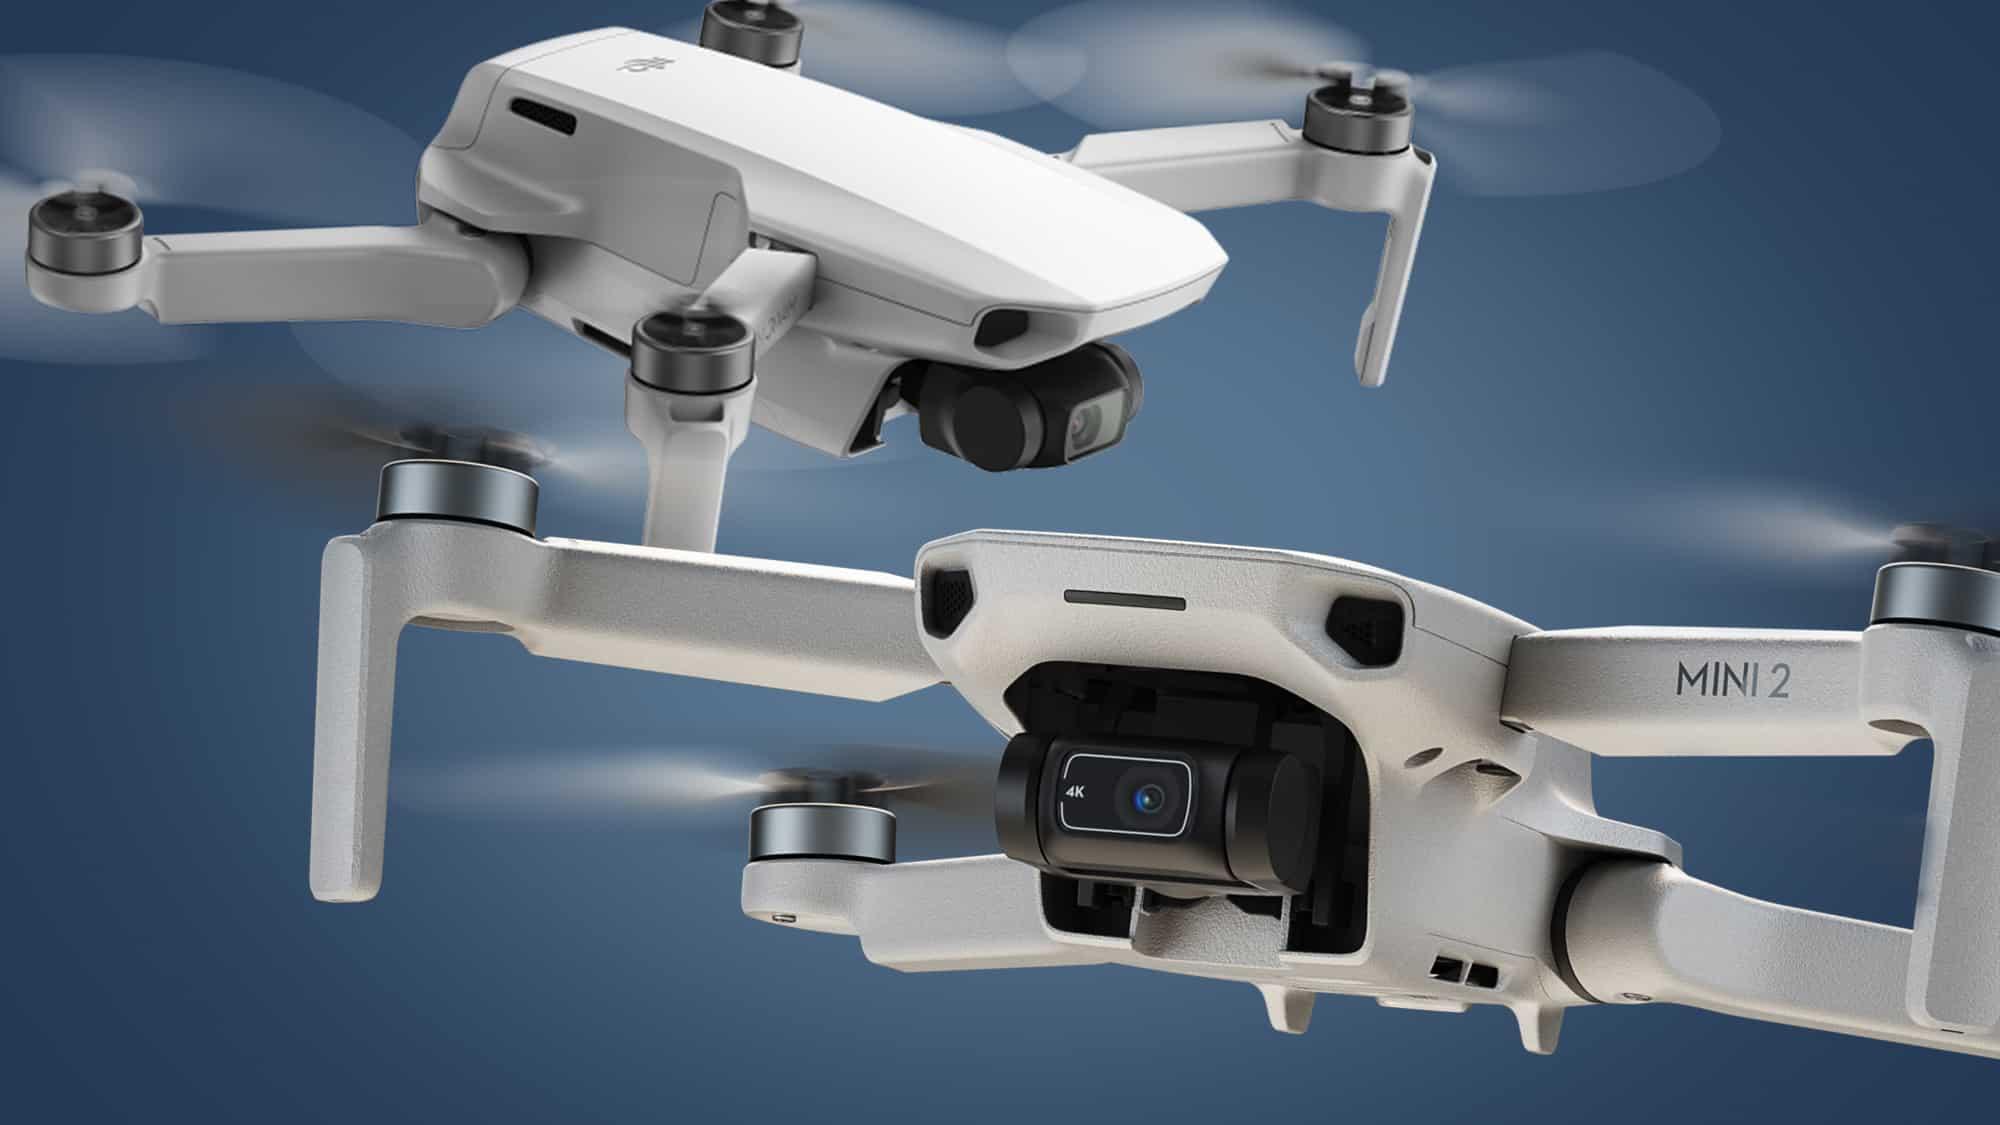 I migliori accessori per il drone Dji Mini 2